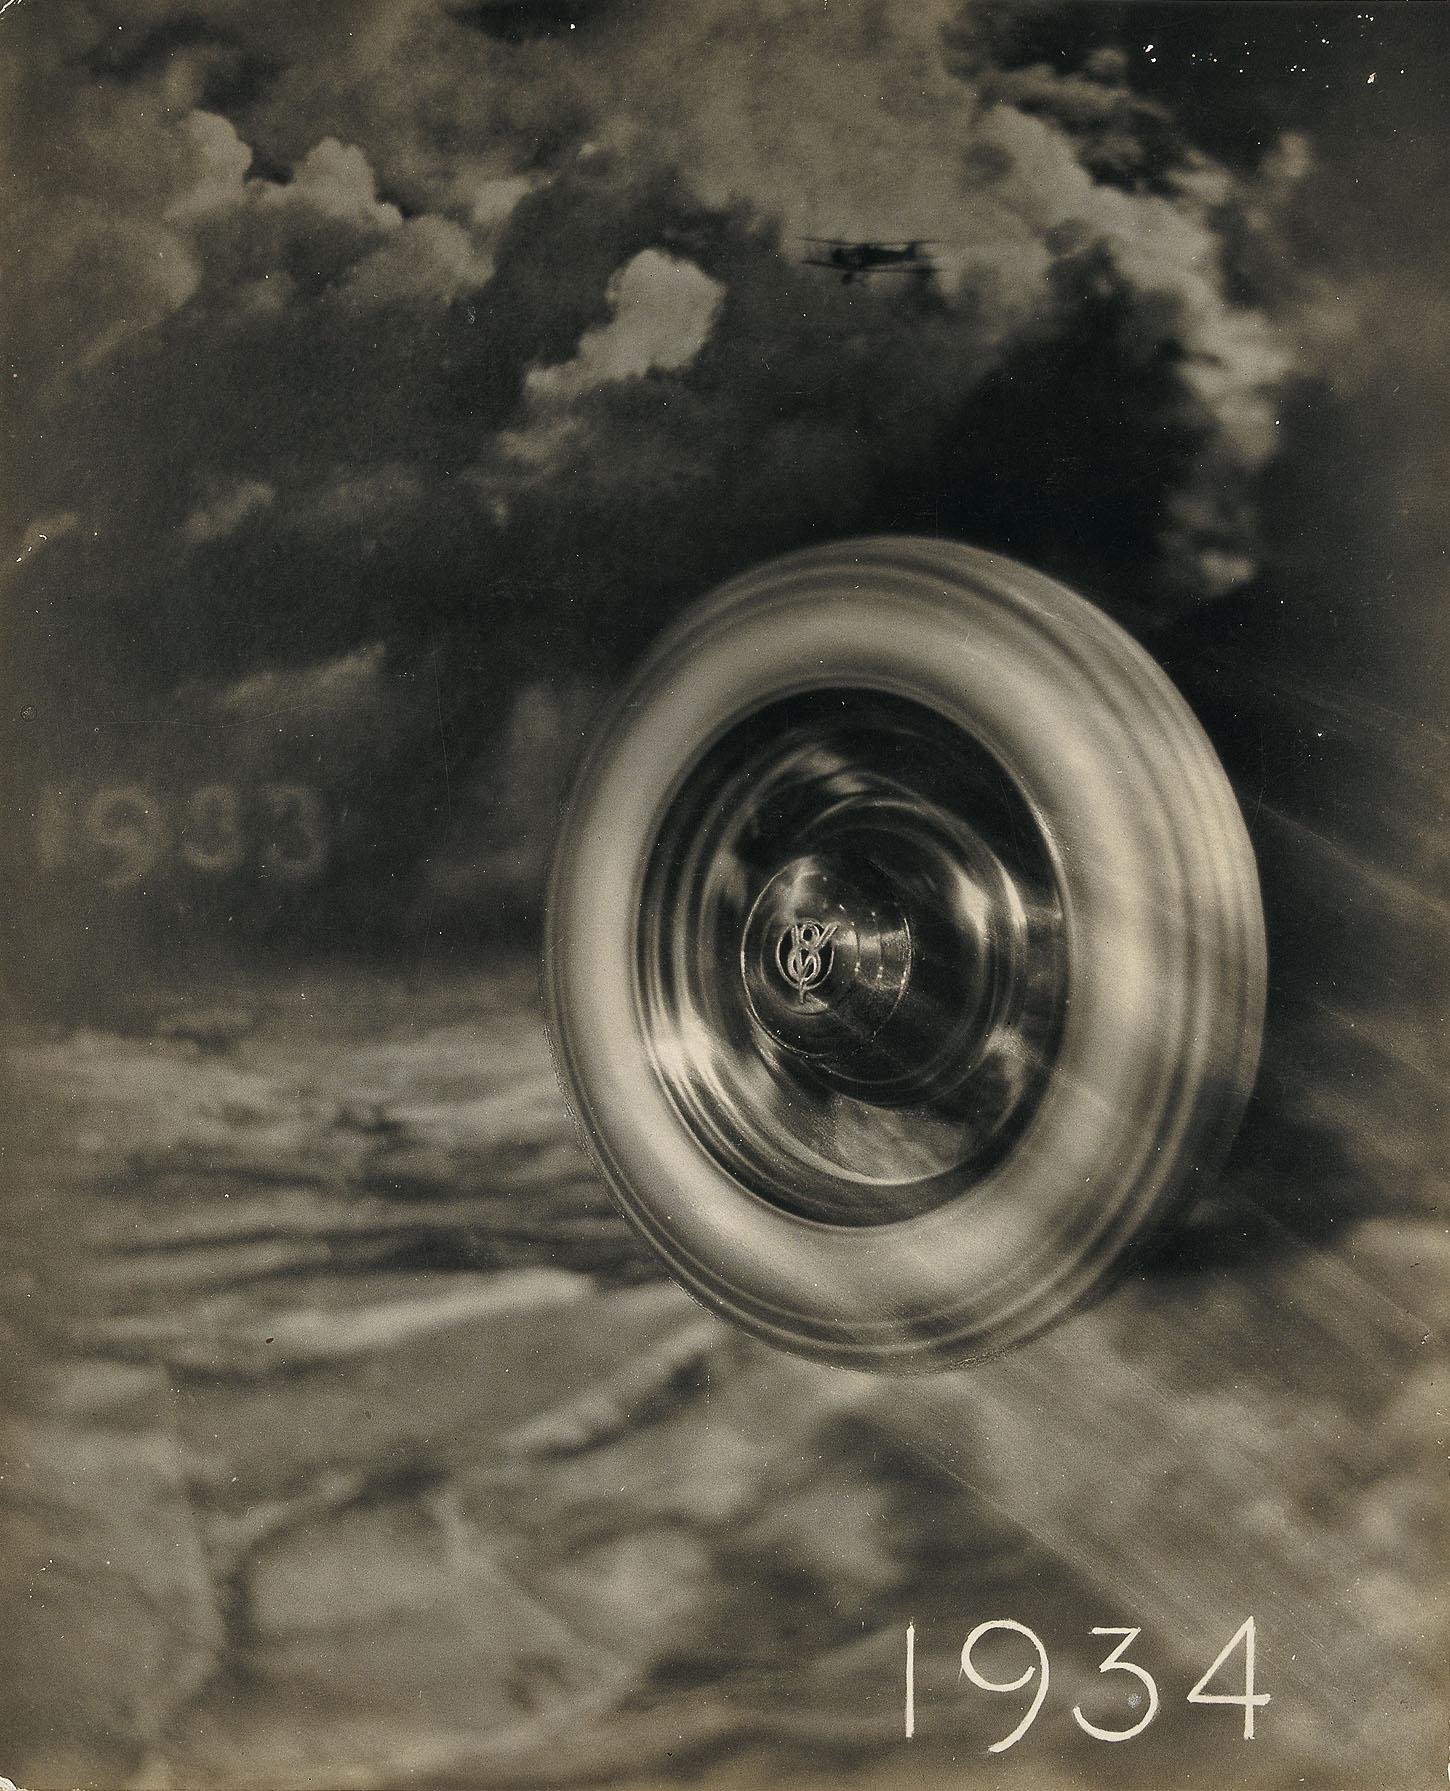 Josep Masana - Sense títol - 1934